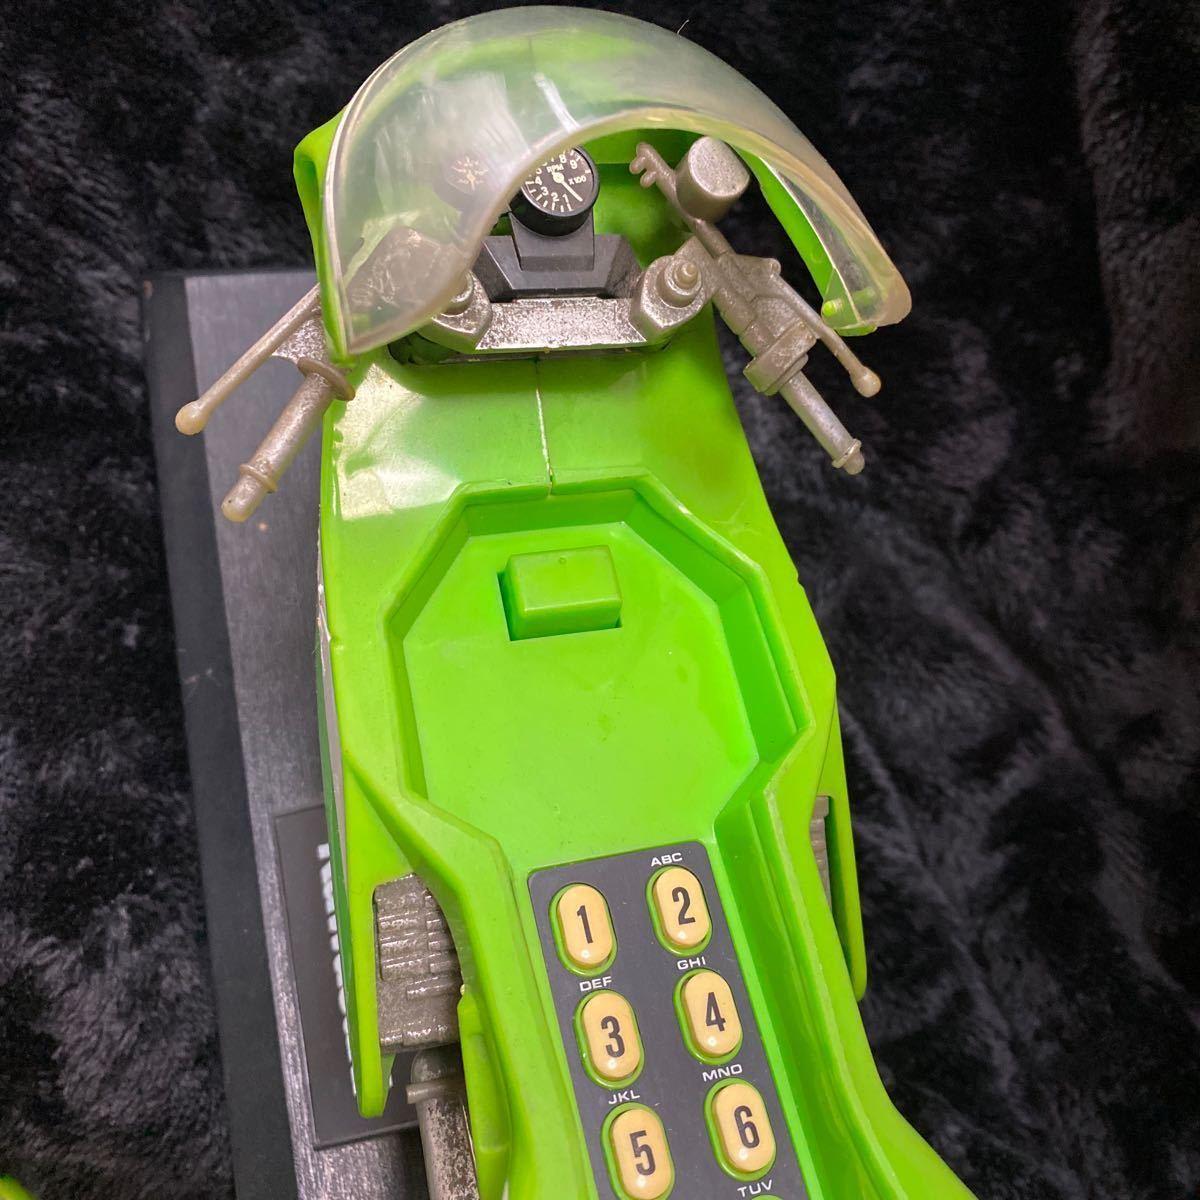 【現状渡し】Kawasaki YE-500 バイク型固定電話 ユピテル工業株式会社 レトロ コレクション品 カワサキ バイク アンティーク 電話機電話器_画像4